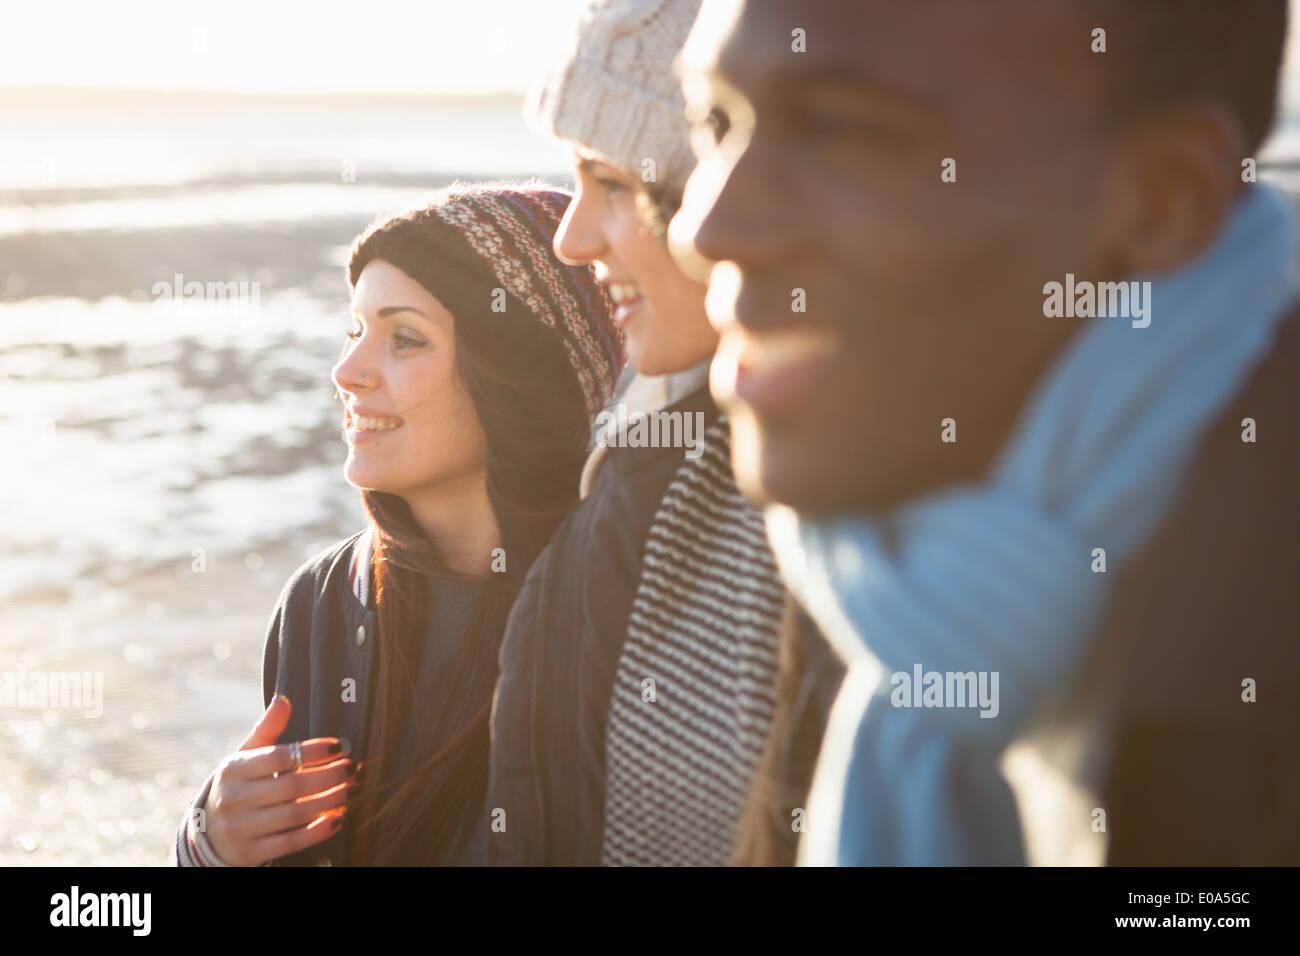 Cerca de jóvenes amigos adultos paseando por la playa Imagen De Stock